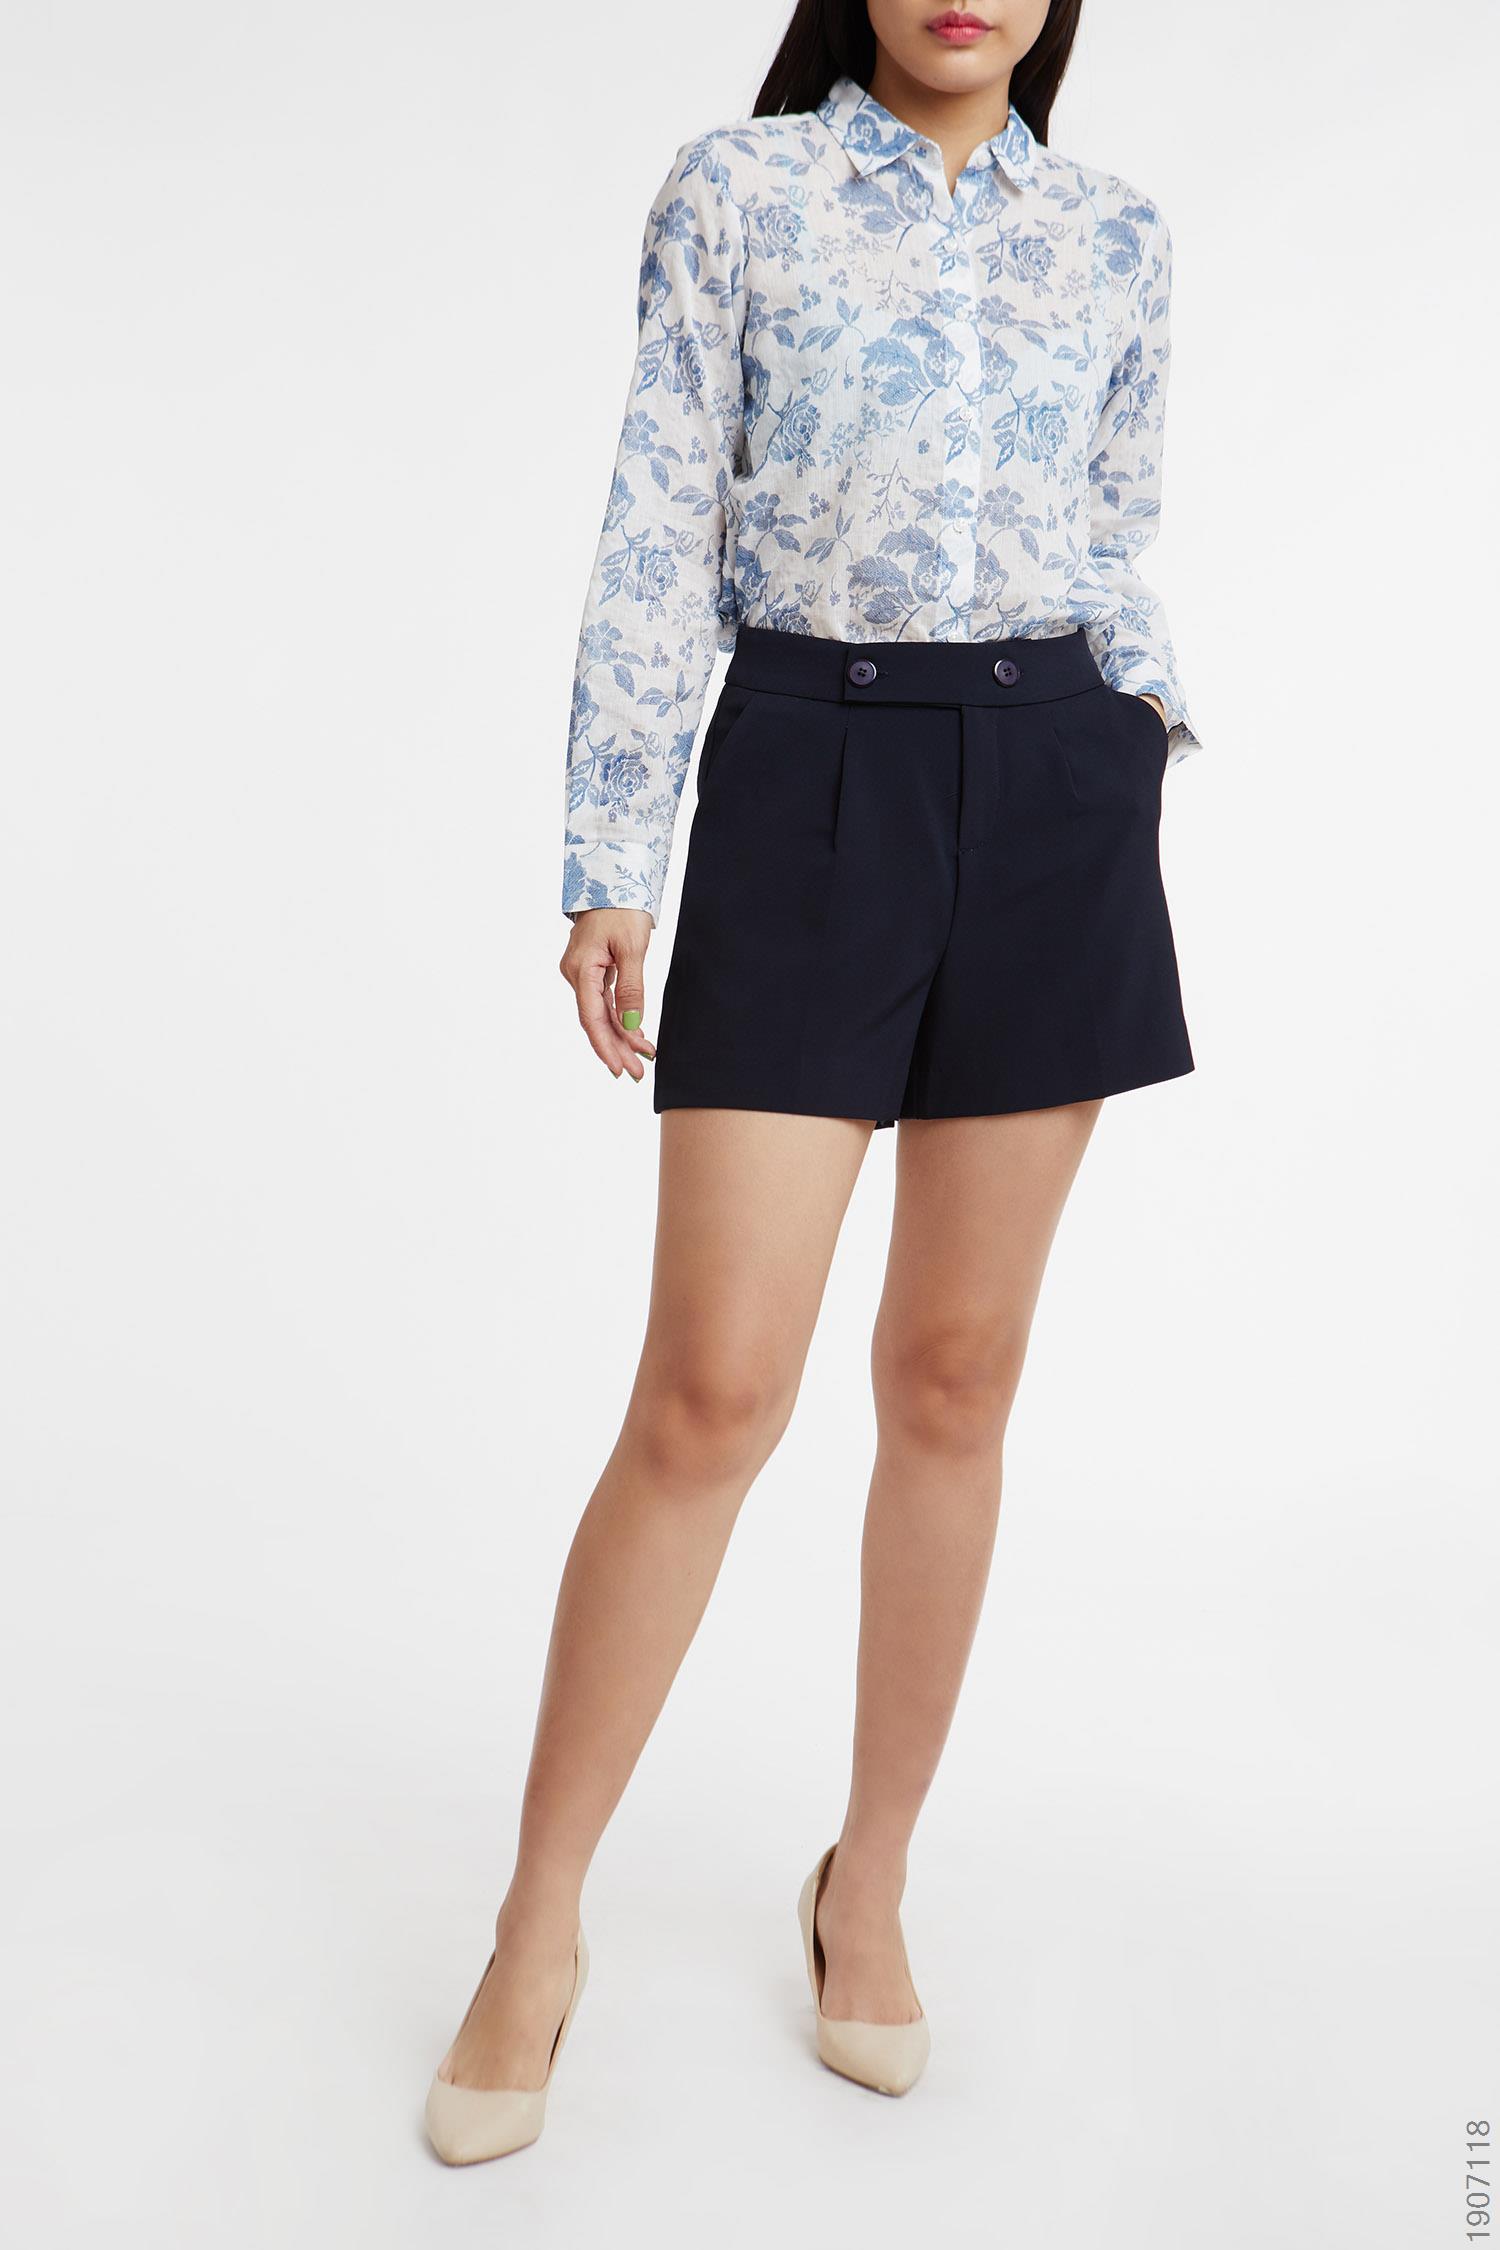 quần short nữ - 1907118